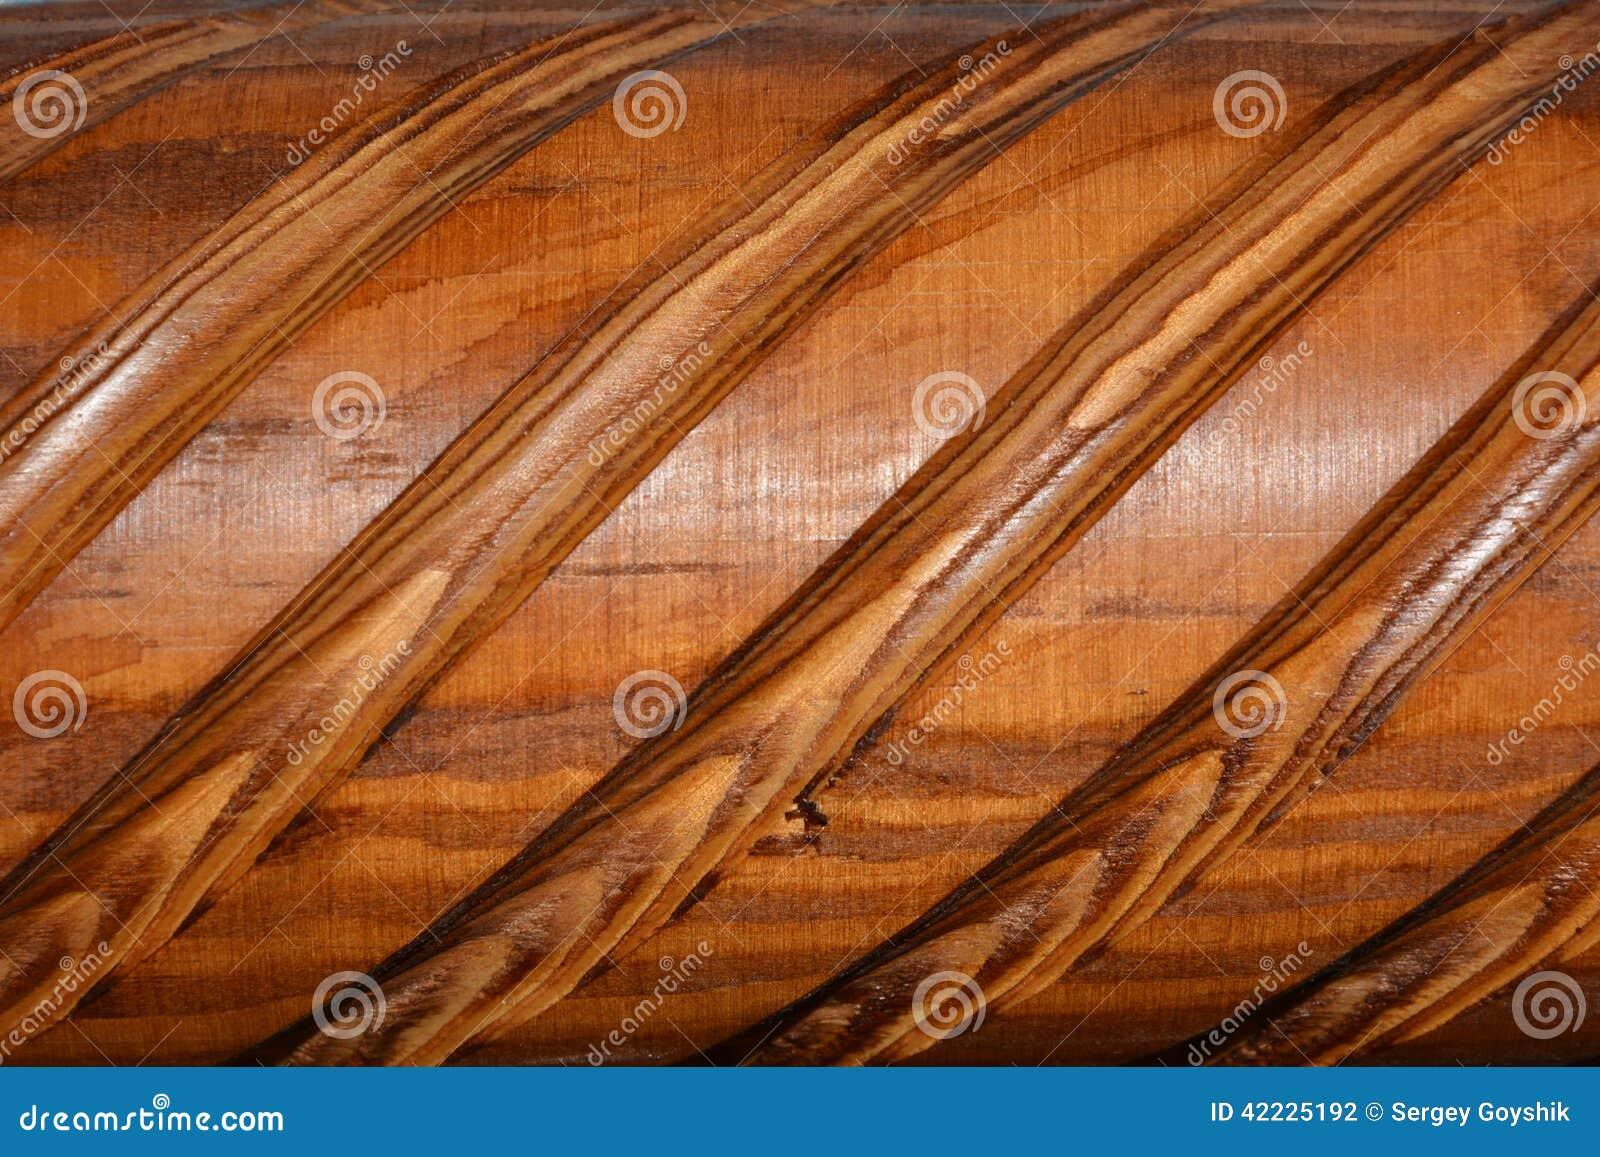 Textura madera barnizada foto de archivo imagen 42225192 - Limpiar madera barnizada ...